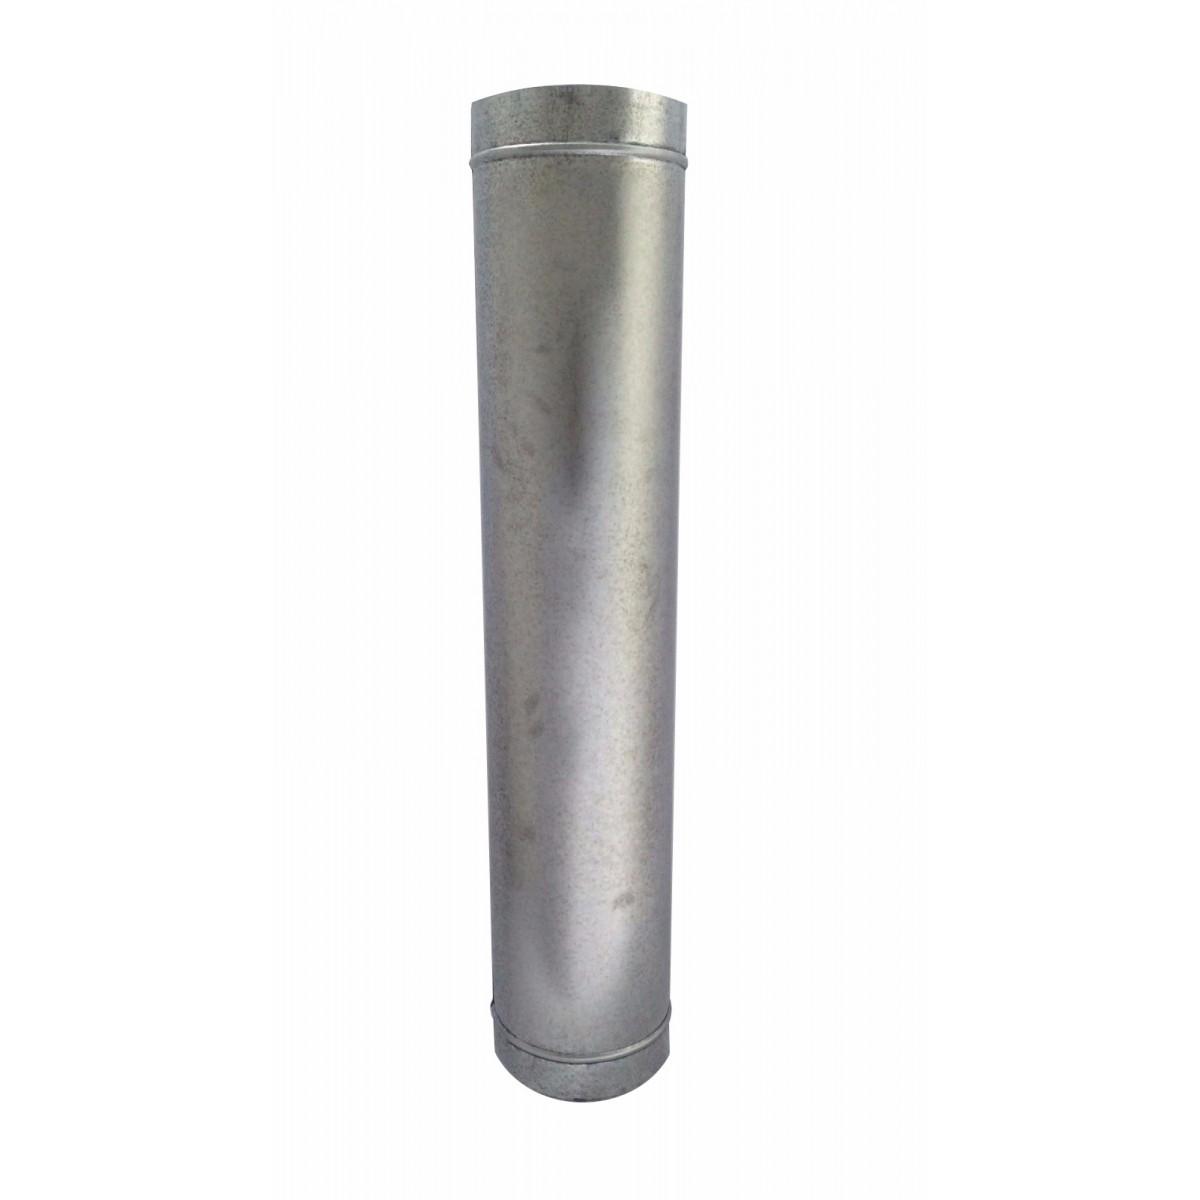 Duto galvanizado para chaminé de 115 mm de diâmetro com 60 cm de altura  - Galvocalhas